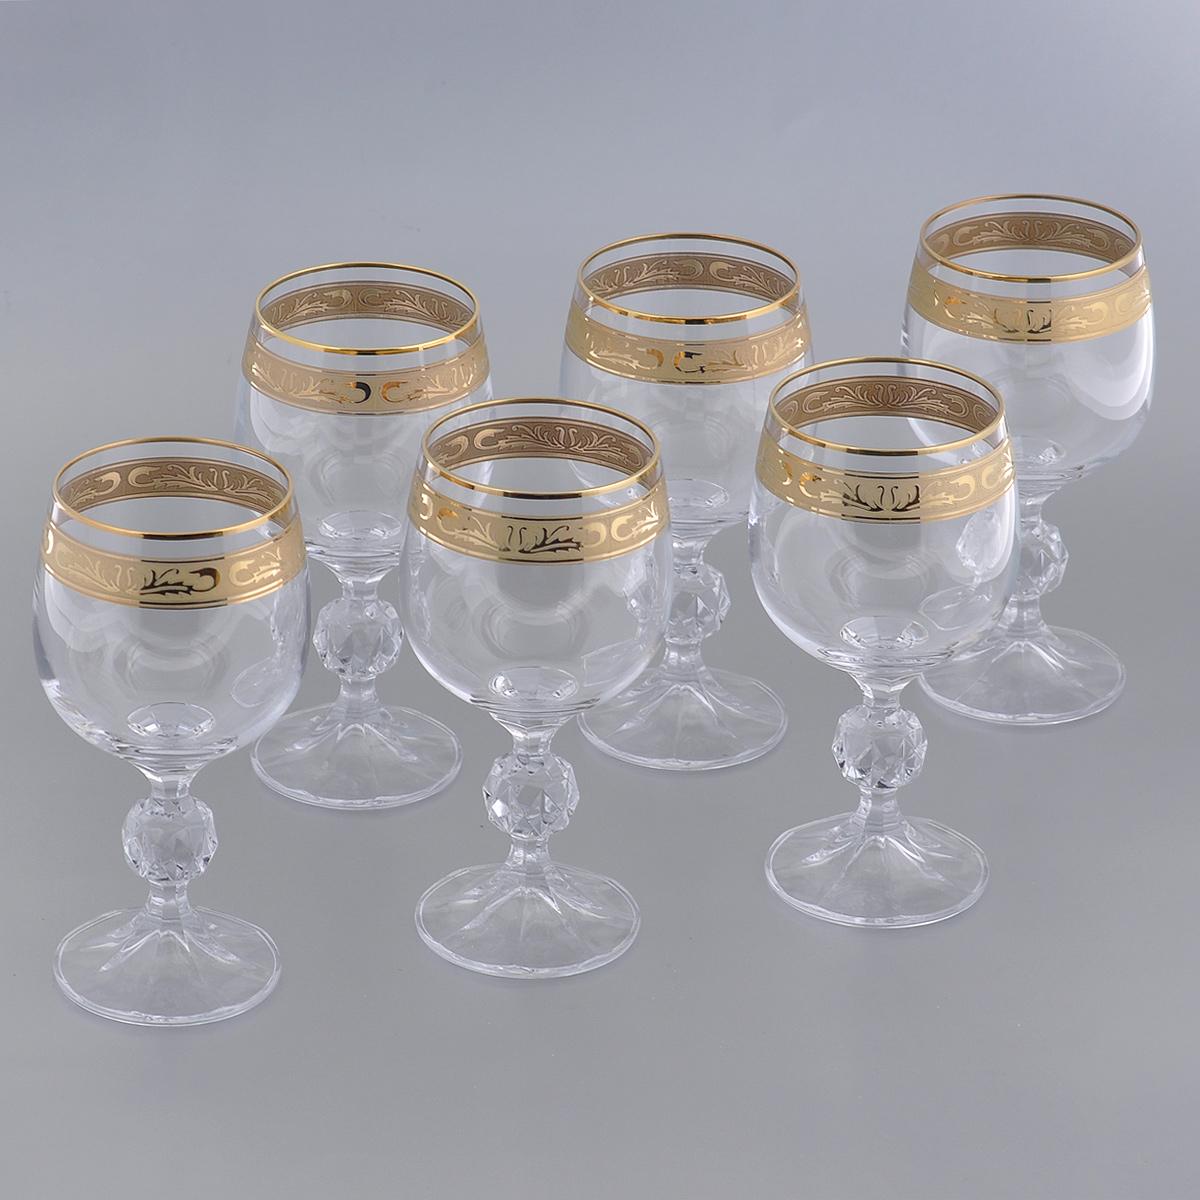 Набор бокалов для вина Crystalite Bohemia Клаудия, 190 мл, 6 шт. 40149/190/37872K40149/190/37872KНабор Crystalite Bohemia Клаудия состоит из шести бокалов, выполненных из прочного высококачественного прозрачного стекла. Изделия оснащены рельефными ножками и декорированы золотистой окантовкой и оригинальным орнаментом. Бокалы предназначены для подачи вина. Они излучают приятный блеск и издают мелодичный звон. Бокалы сочетают в себе элегантный дизайн и функциональность. Благодаря такому набору пить напитки будет еще вкуснее.Набор бокалов Crystalite Bohemia Клаудия прекрасно оформит праздничный стол и создаст приятную атмосферу за романтическим ужином. Такой набор также станет хорошим подарком к любому случаю. Не использовать в посудомоечной машине и микроволновой печи.